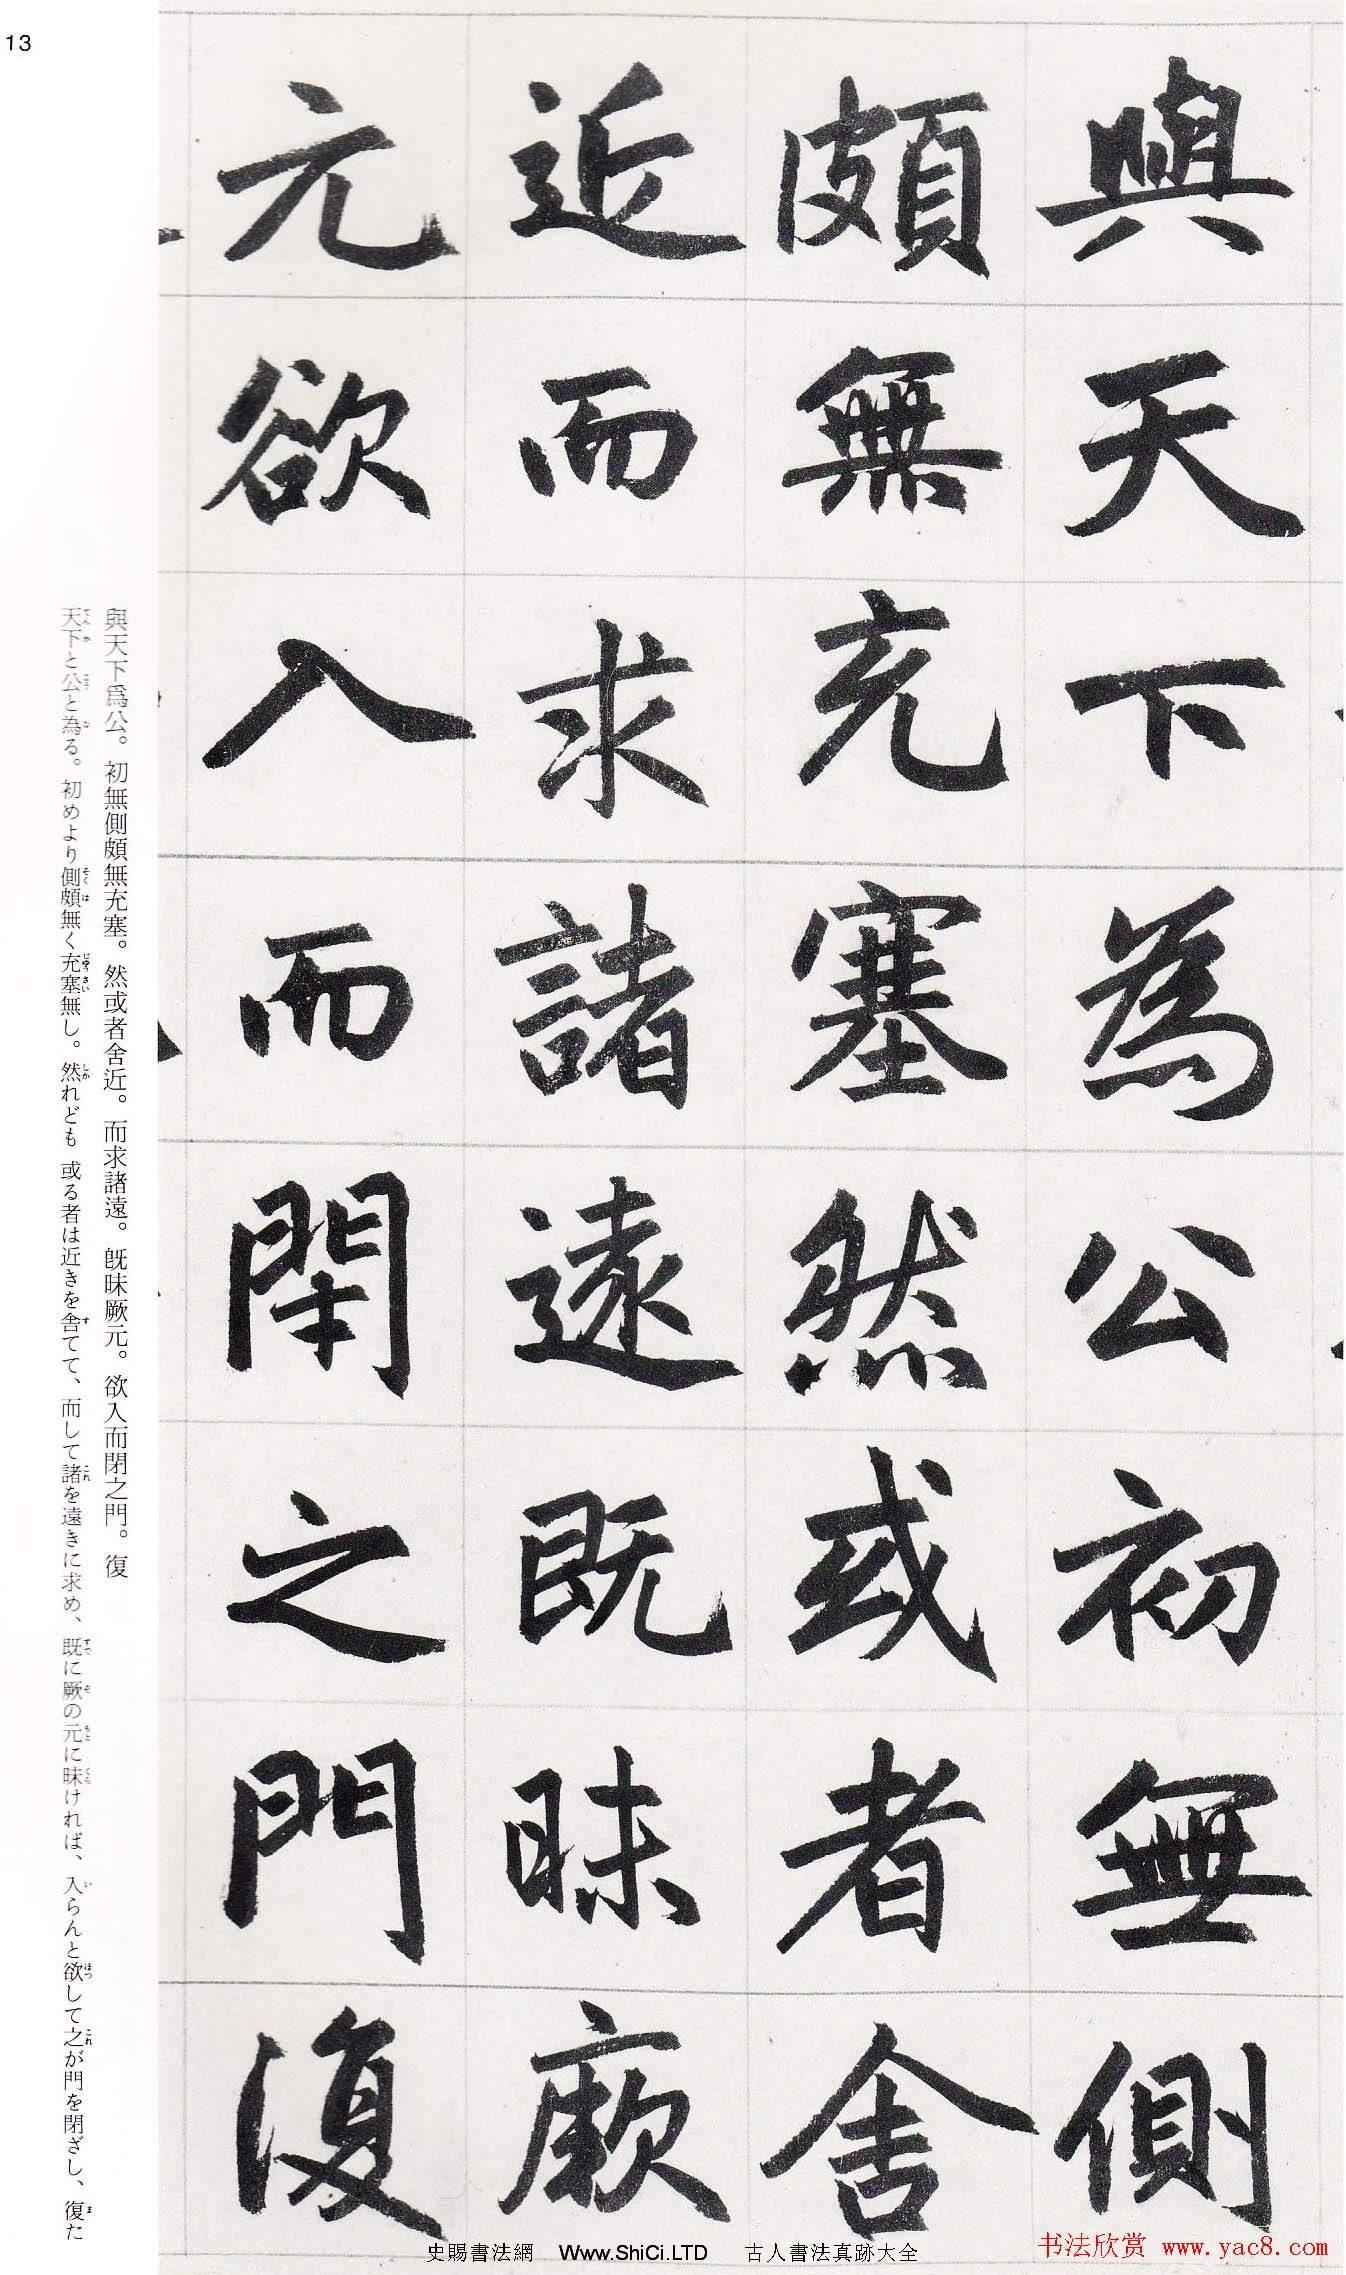 趙孟俯行楷書字帖《玄妙觀重修三門記》